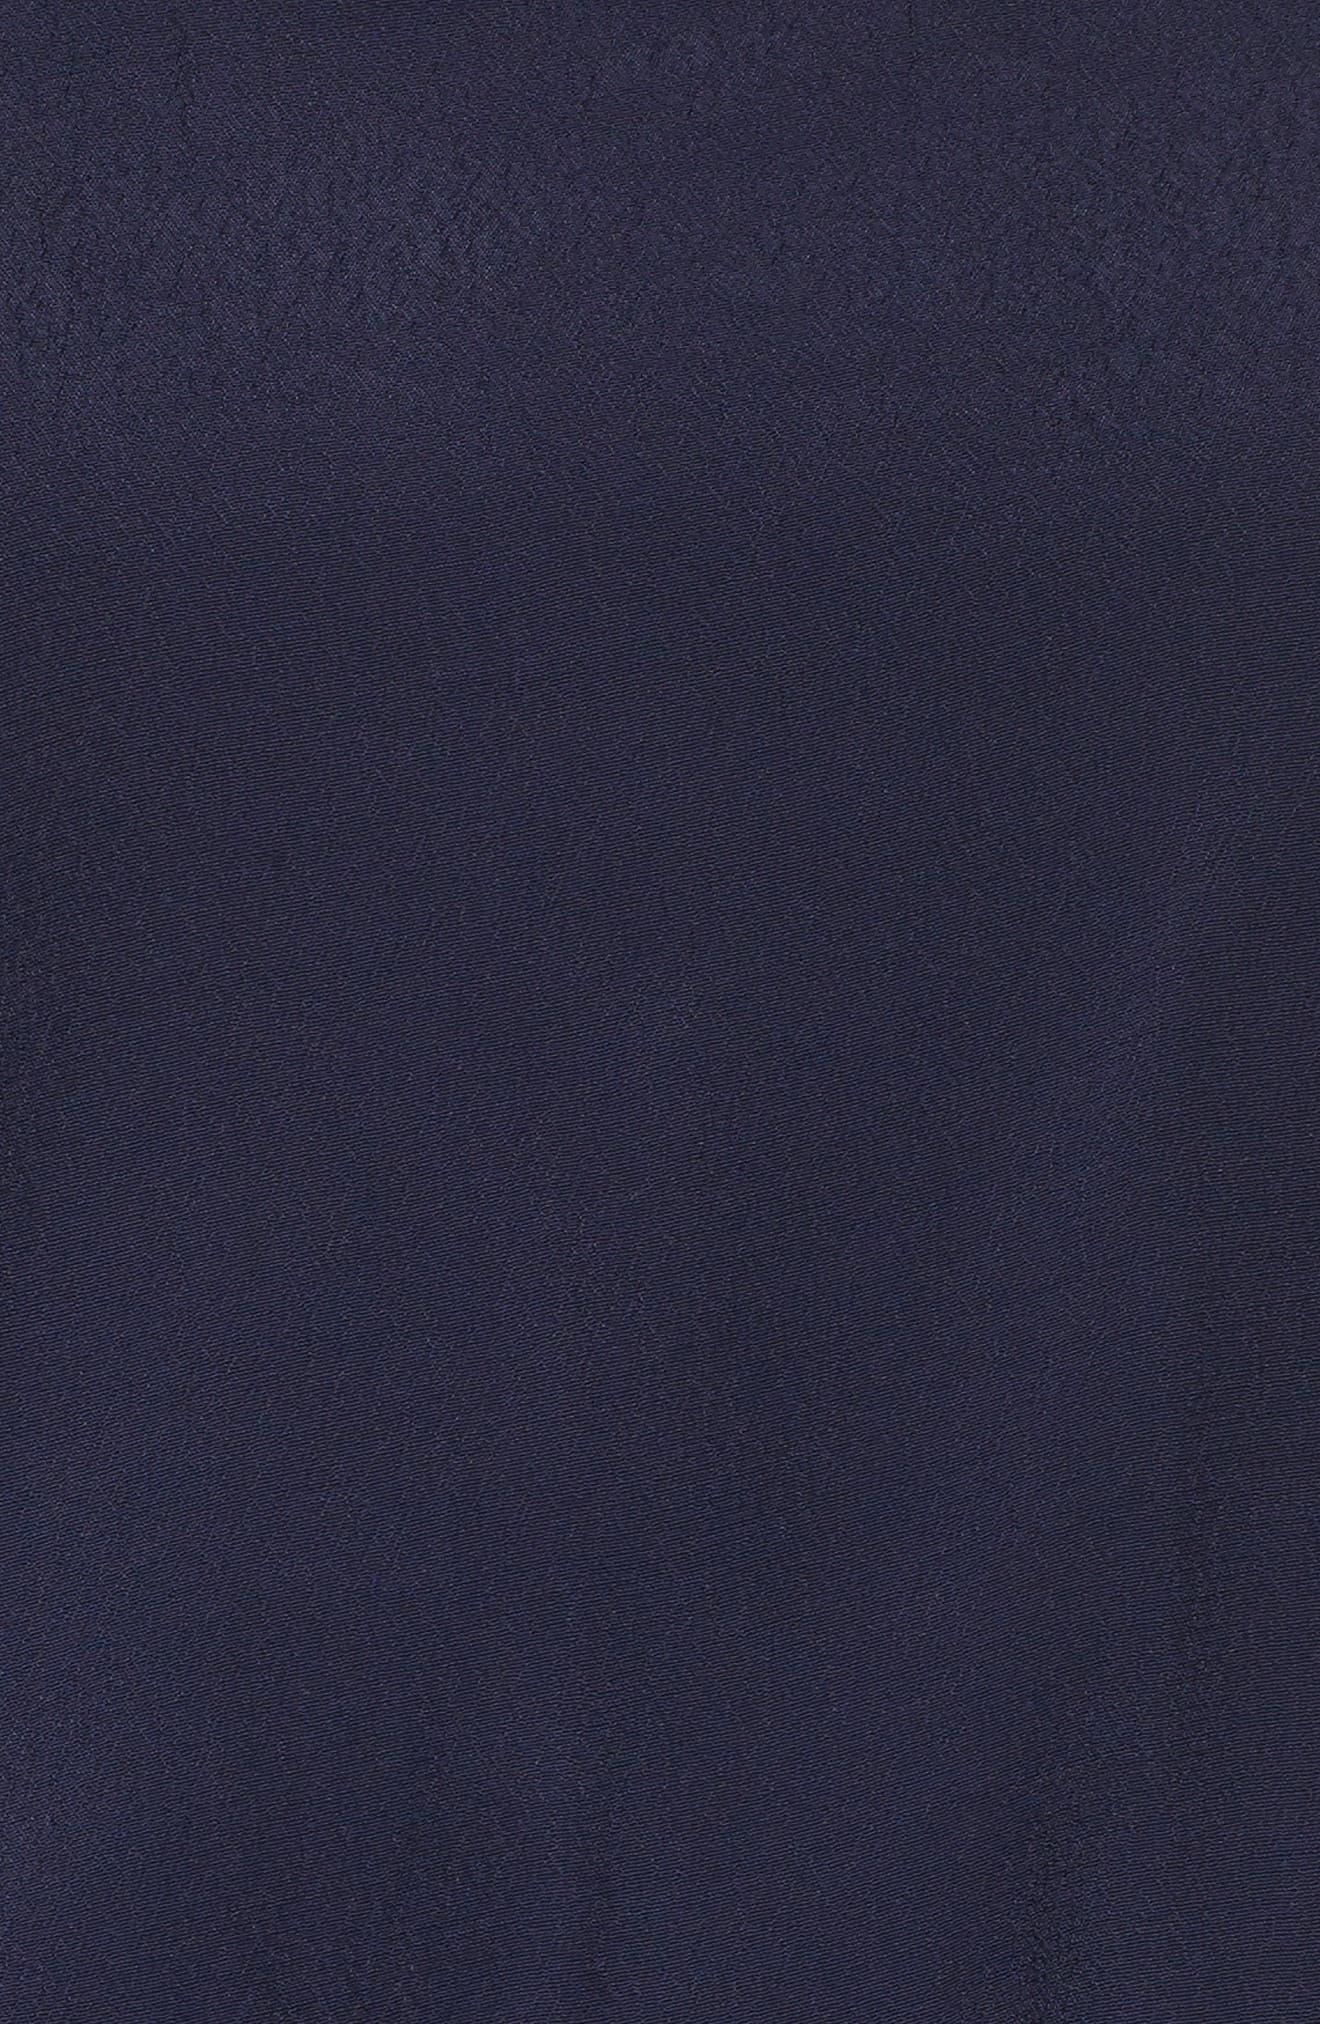 Cold Shoulder Halter Jumpsuit,                             Alternate thumbnail 5, color,                             NAVY